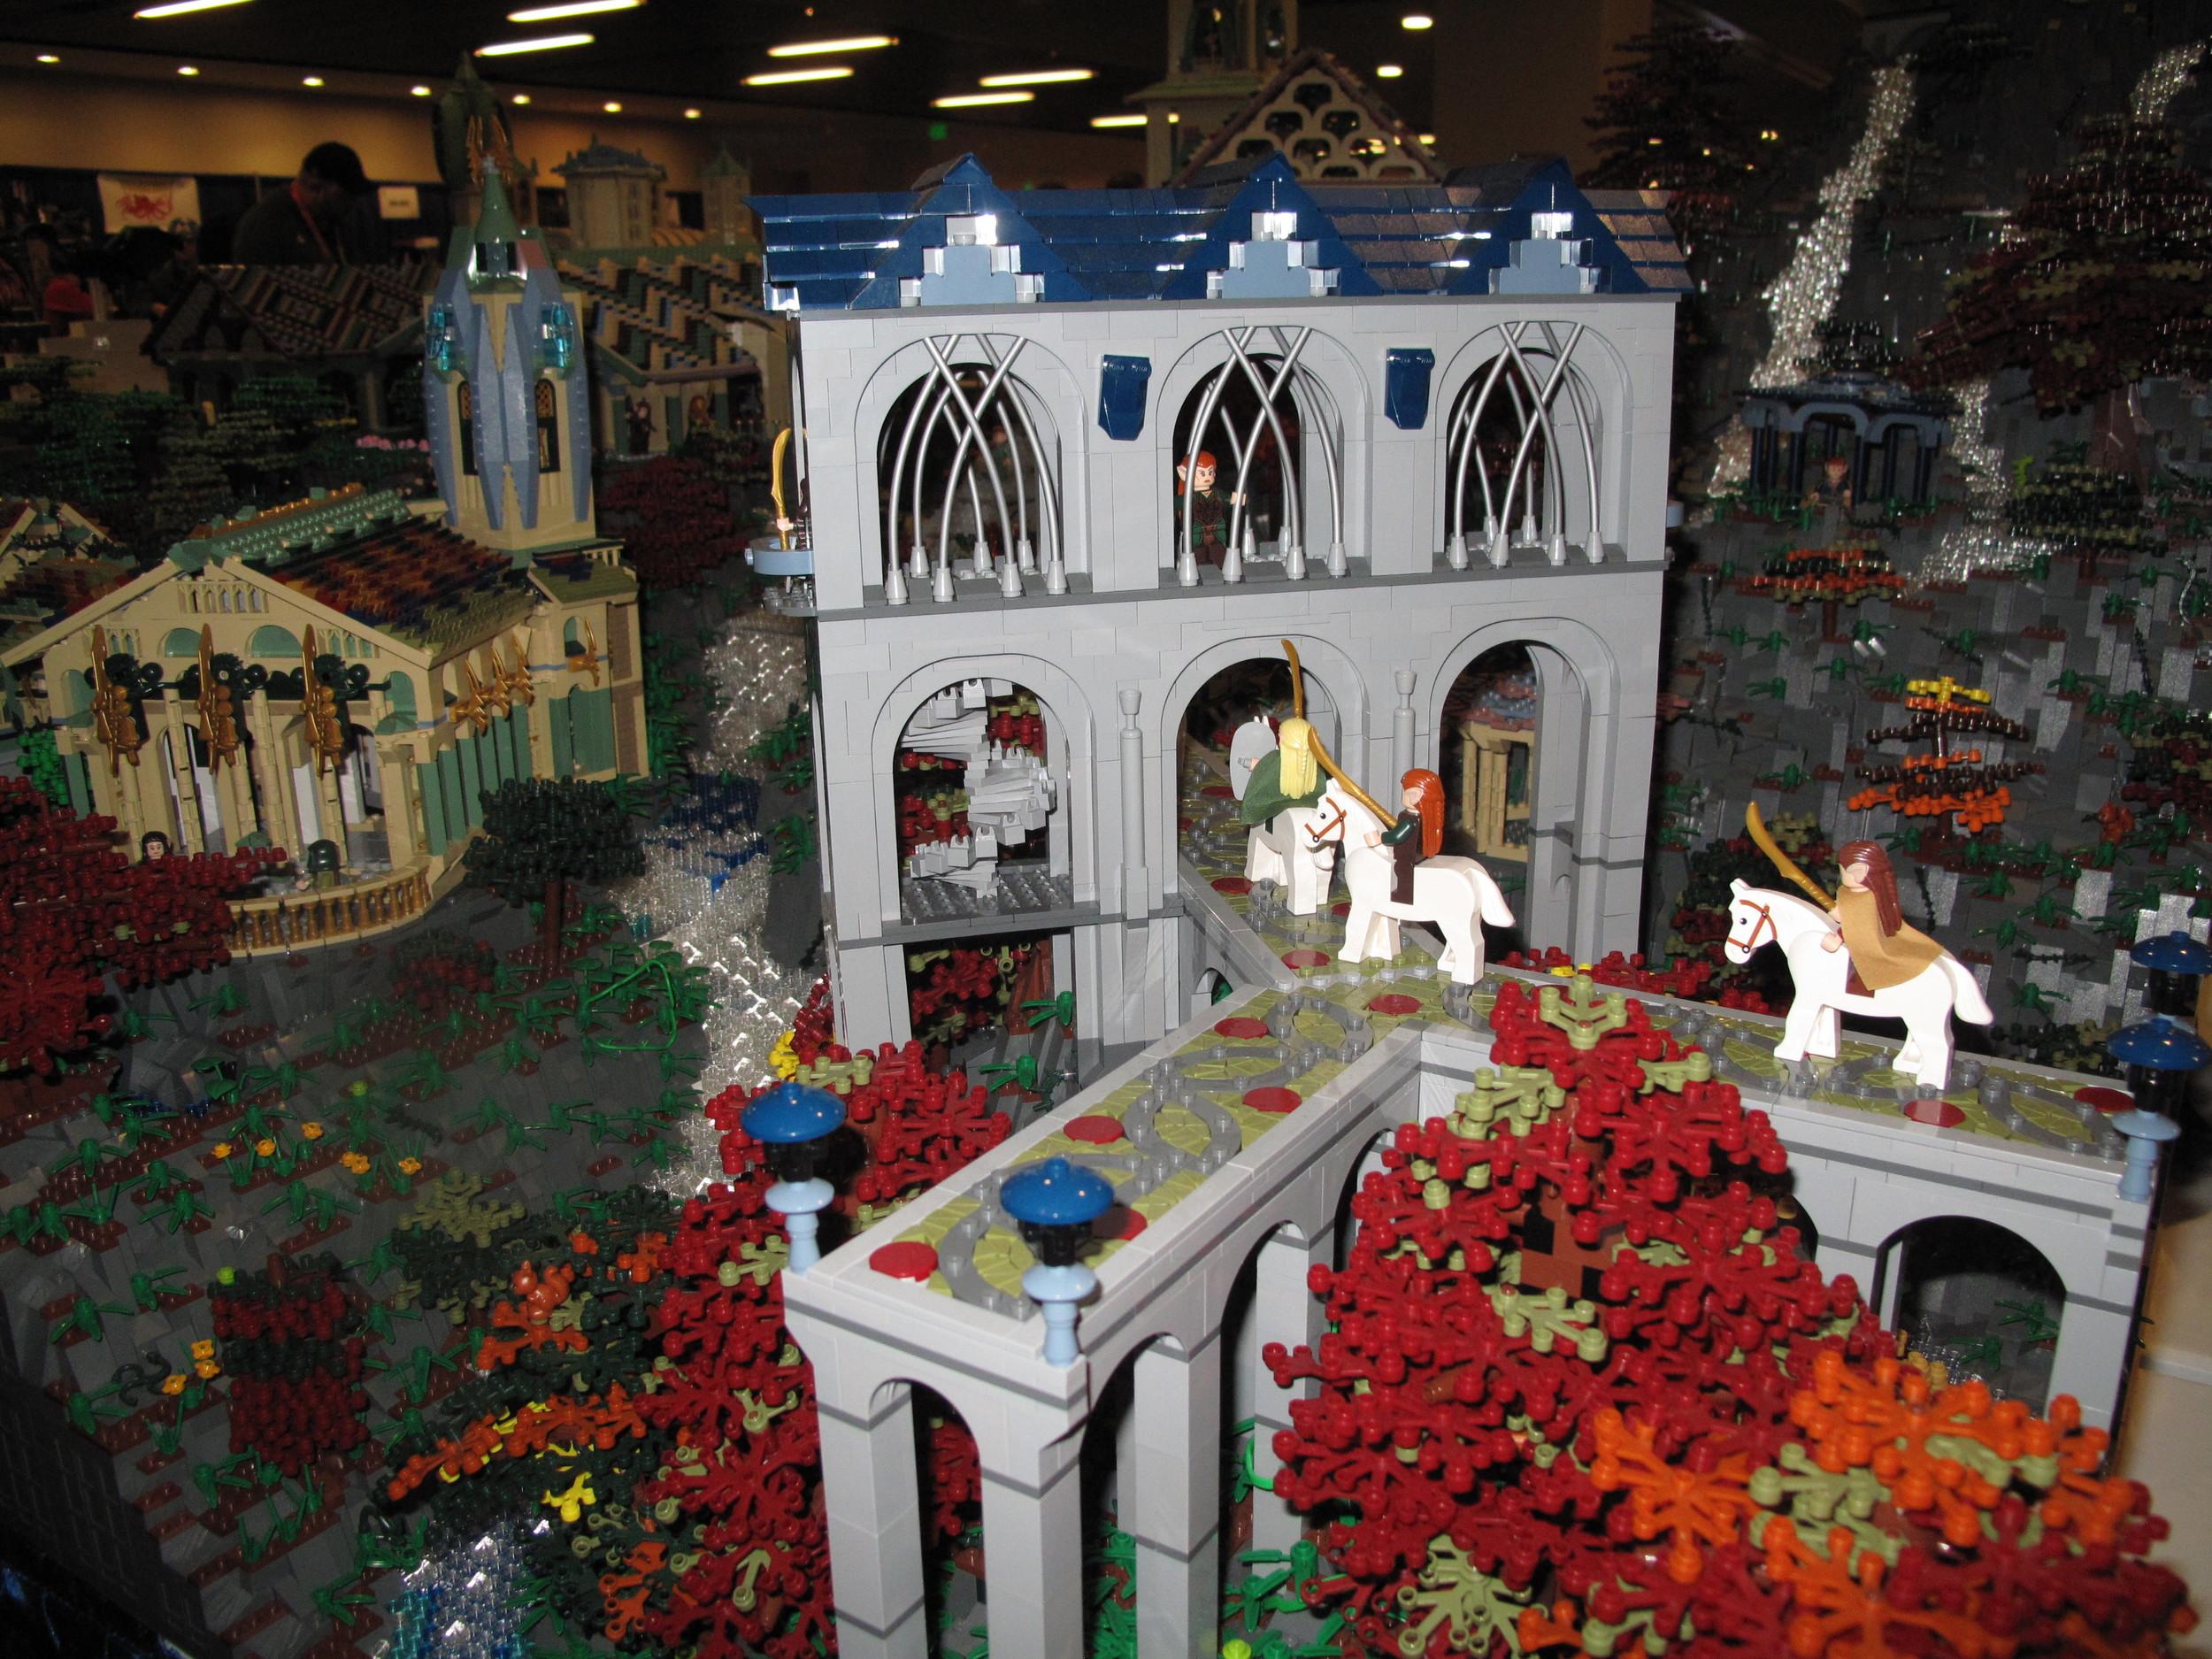 Lego ECCC 3